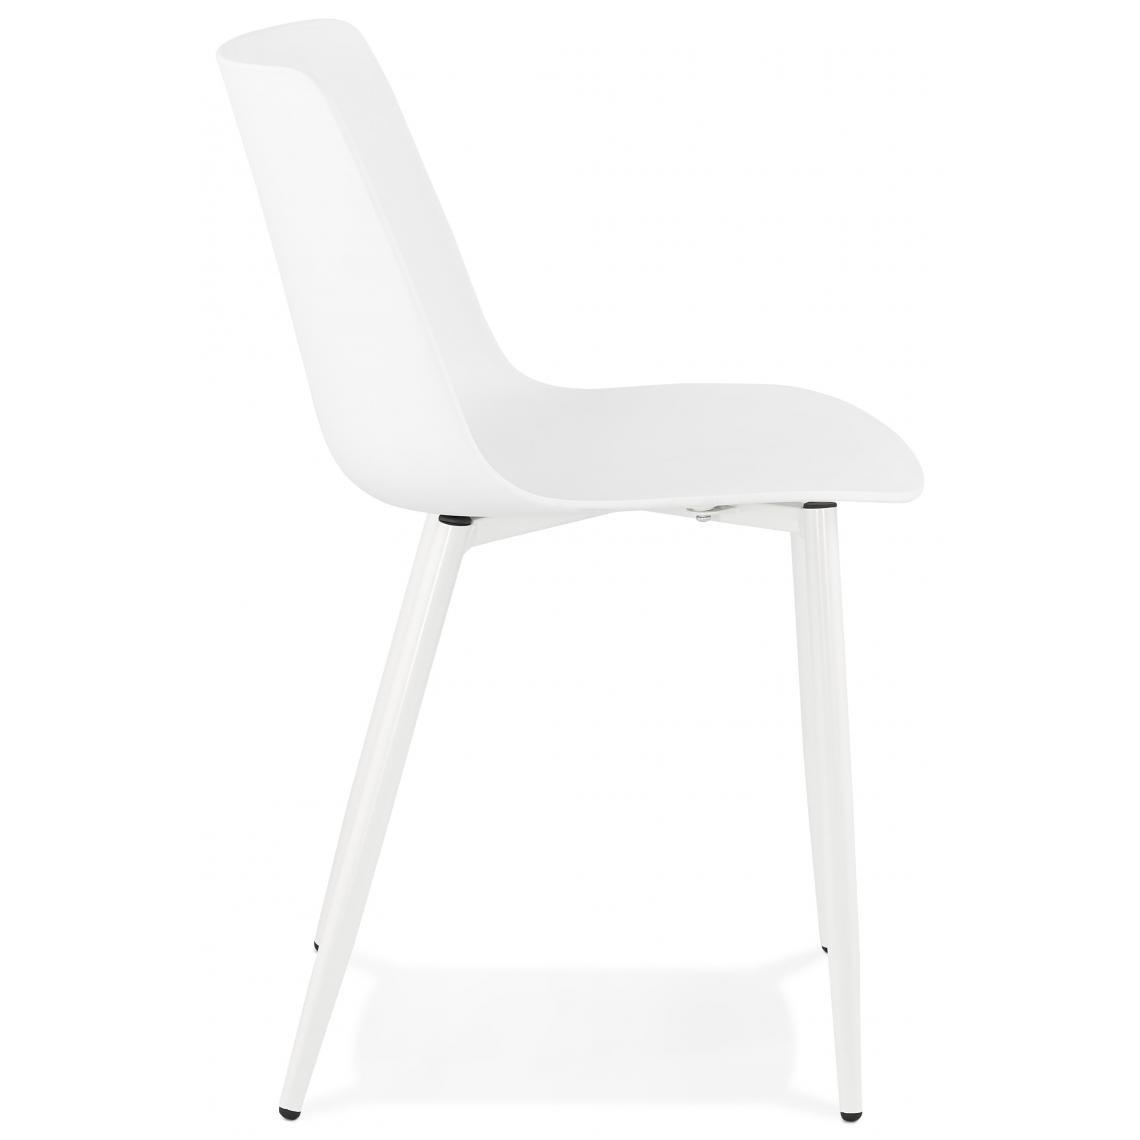 Comment Nettoyer Des Chaises En Plastique Blanc chaise en plastique blanche dossier rectangulaire flox plus de détails